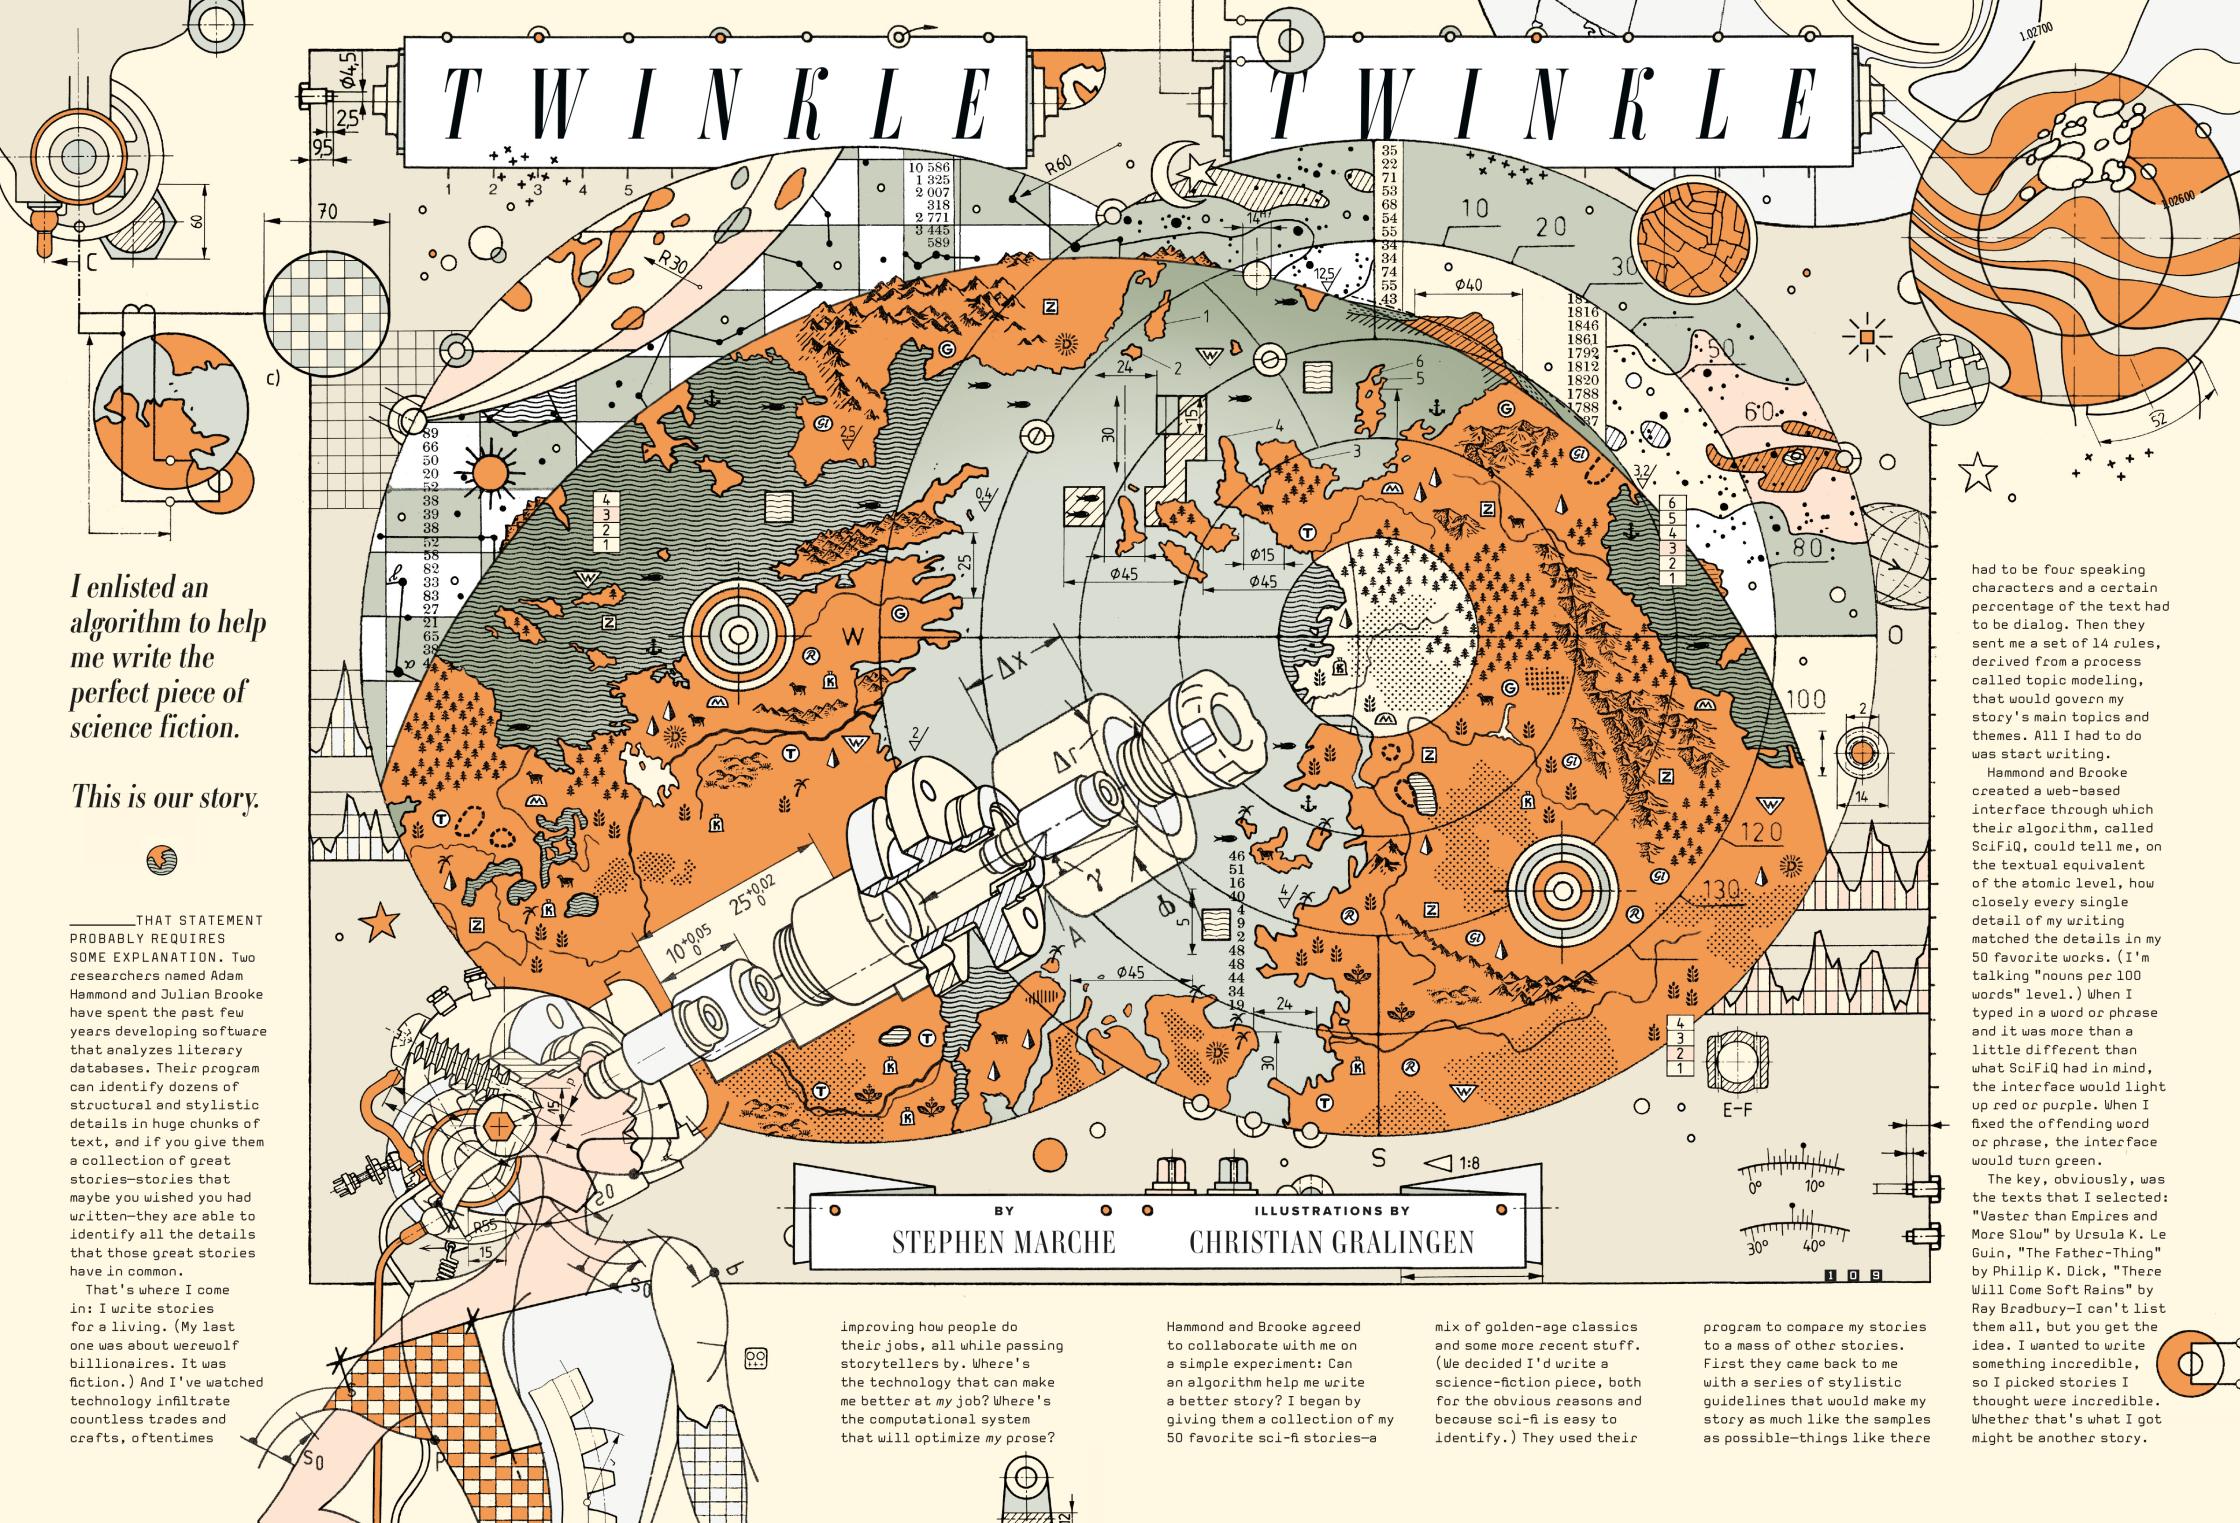 Wired_Twinkel Twinkle_Spread 1.jpg